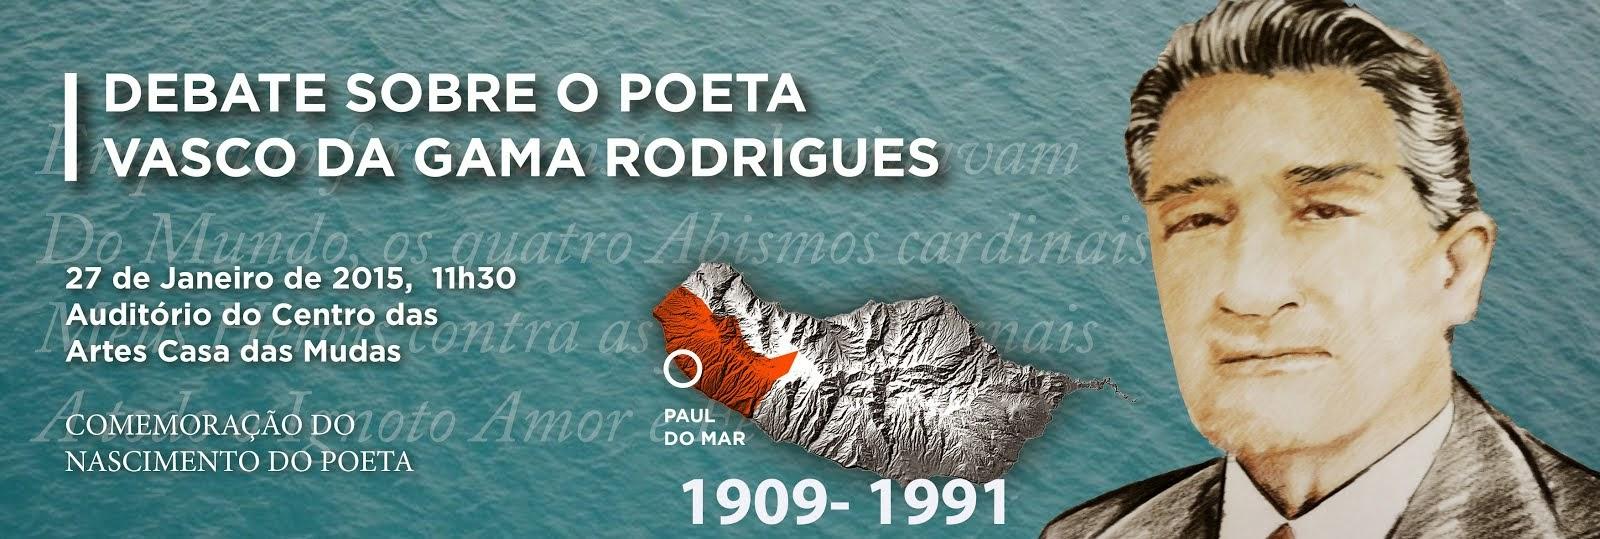 Vasco da Gama Rodrigues